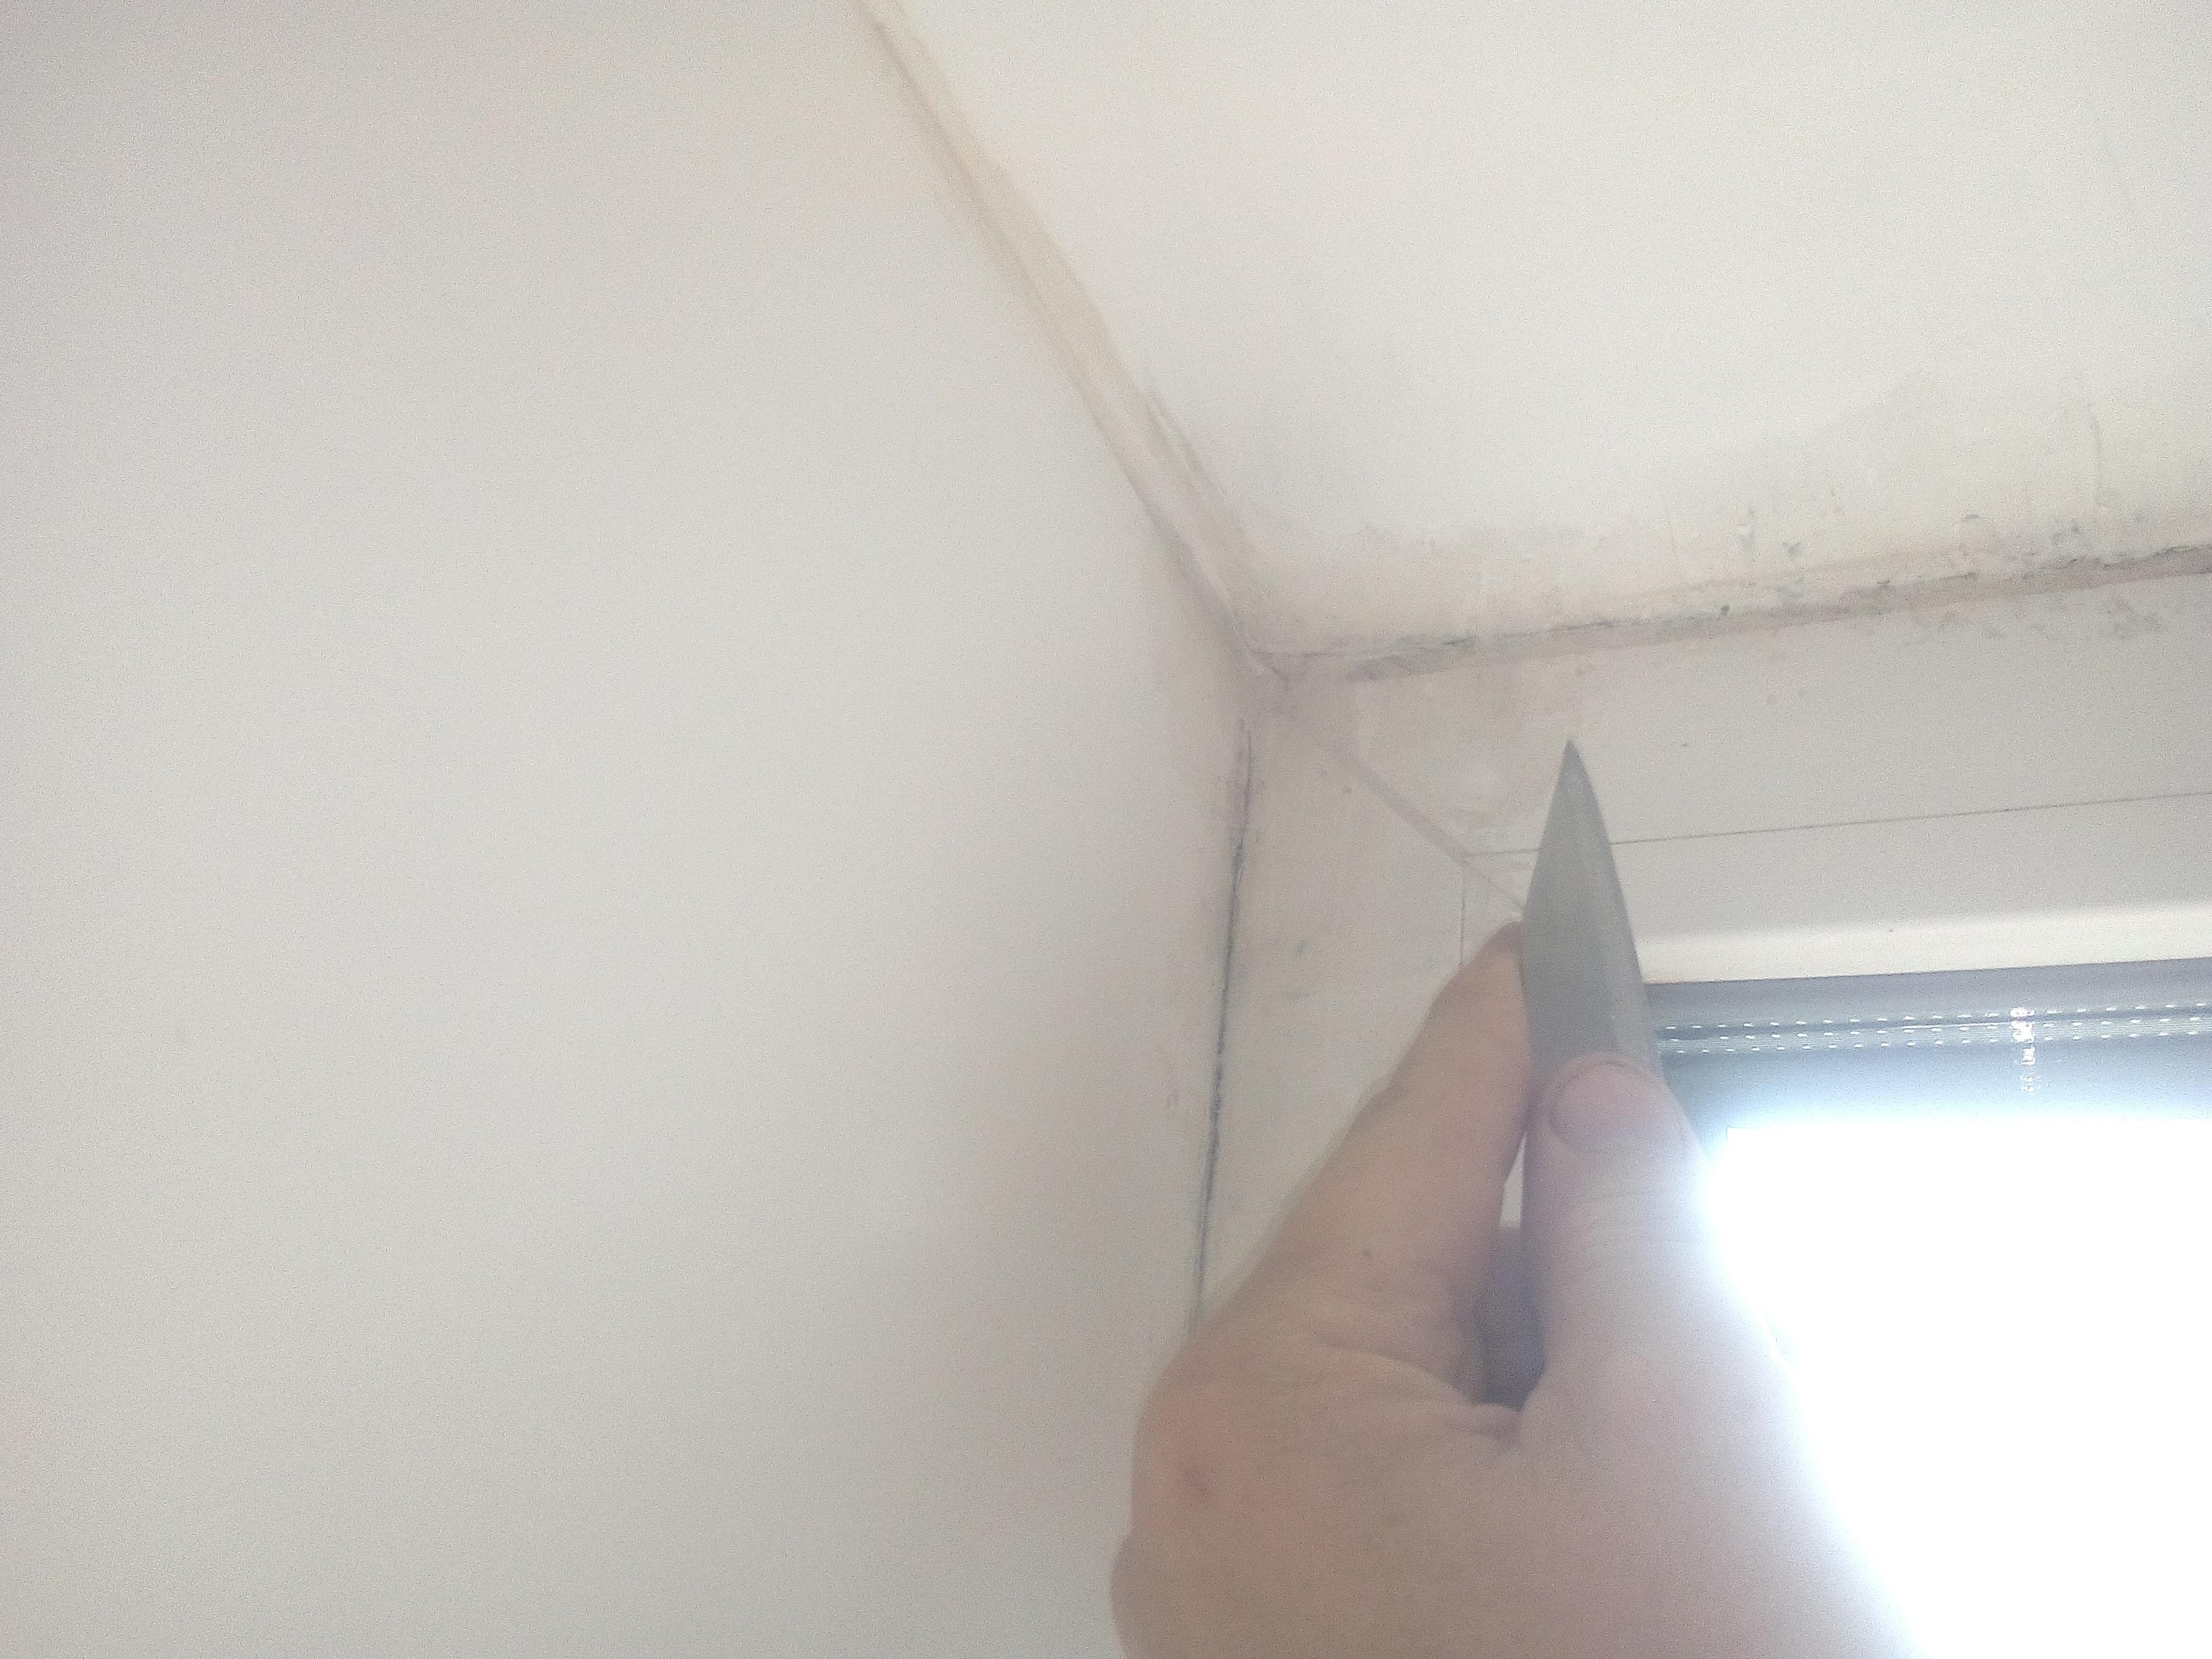 Как отмыть окна после ремонта в квартире, Кака-отмыть-окна-после-ремонта-в-квартире-очистка-острым-ножом.jpg